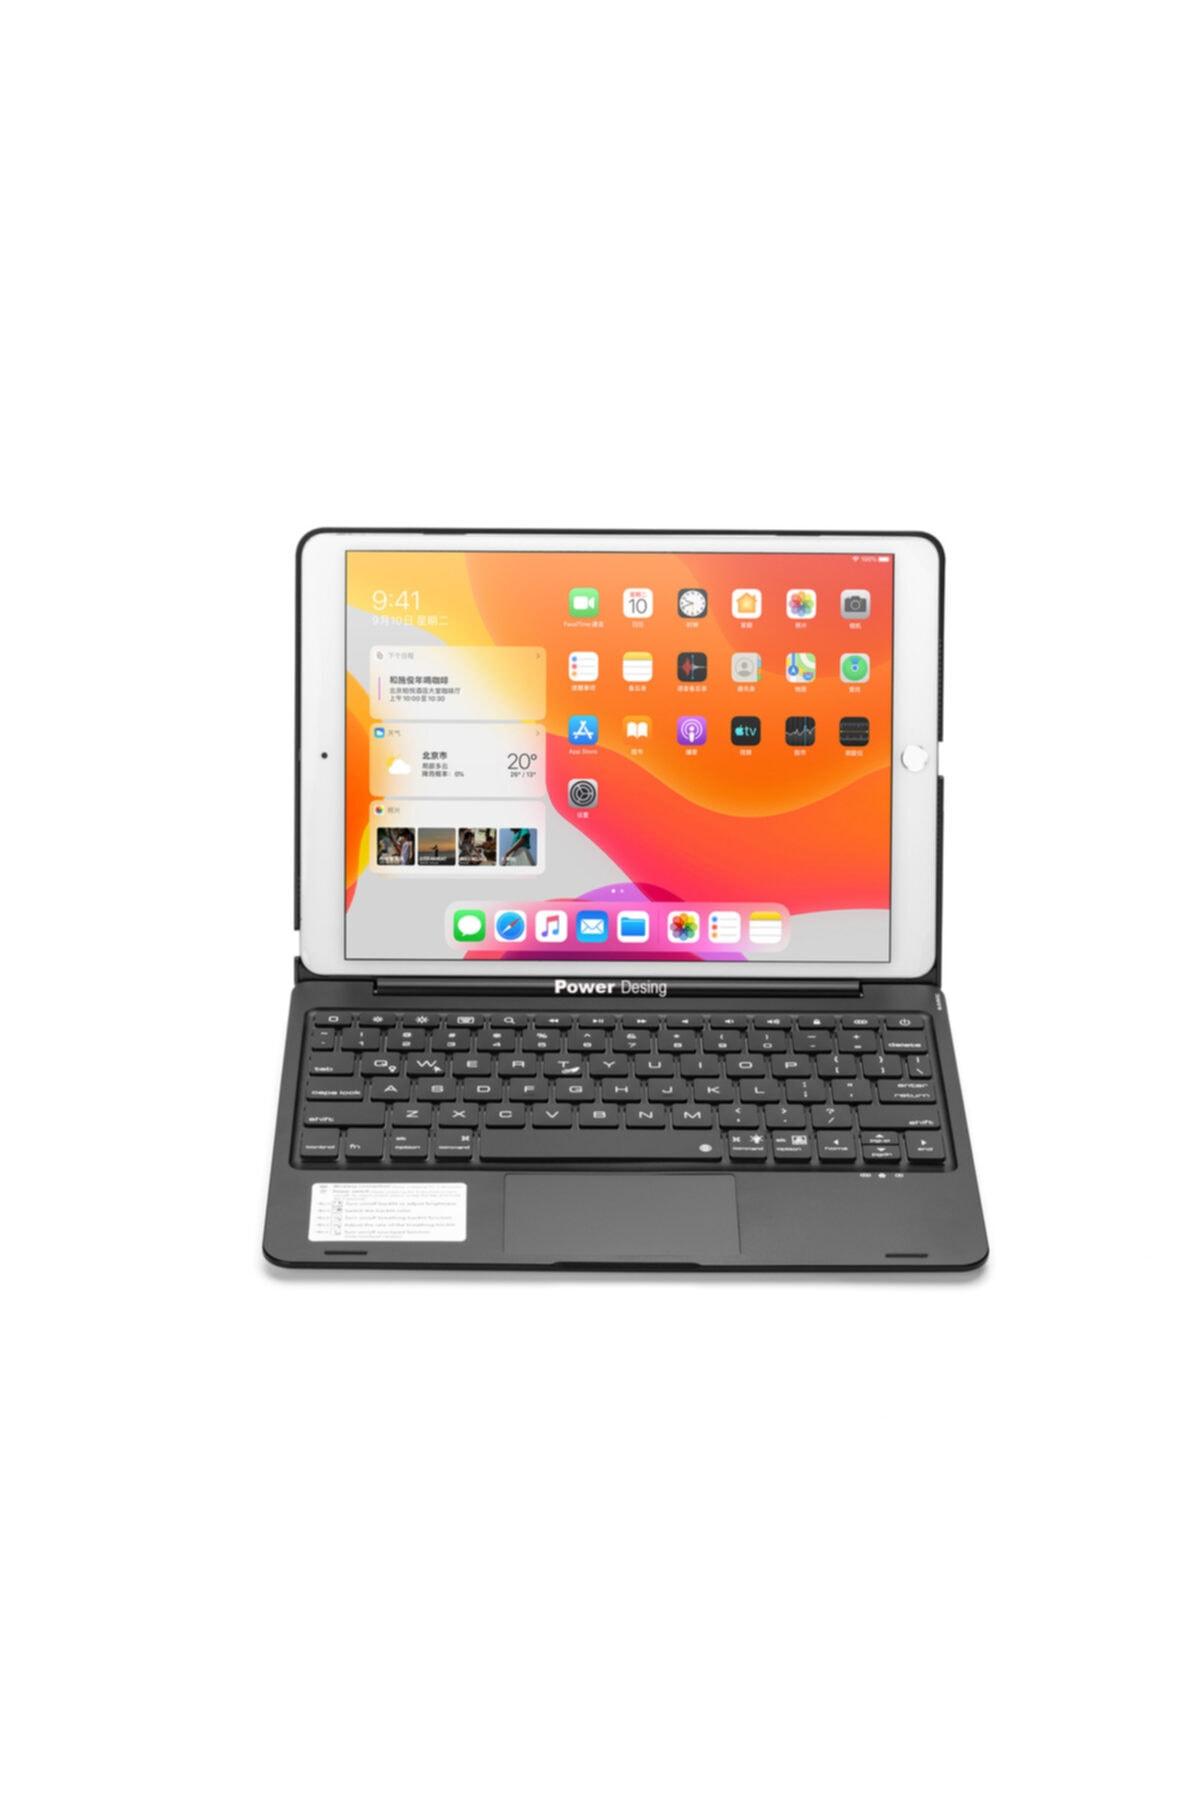 POWER DESİGN Klavyeli Kılıf Apple Ipad 7.ve 8.nesil (10.2İNÇ) Için Mouse Ve Işıklı Tuşlar Türkçe Klavye 2